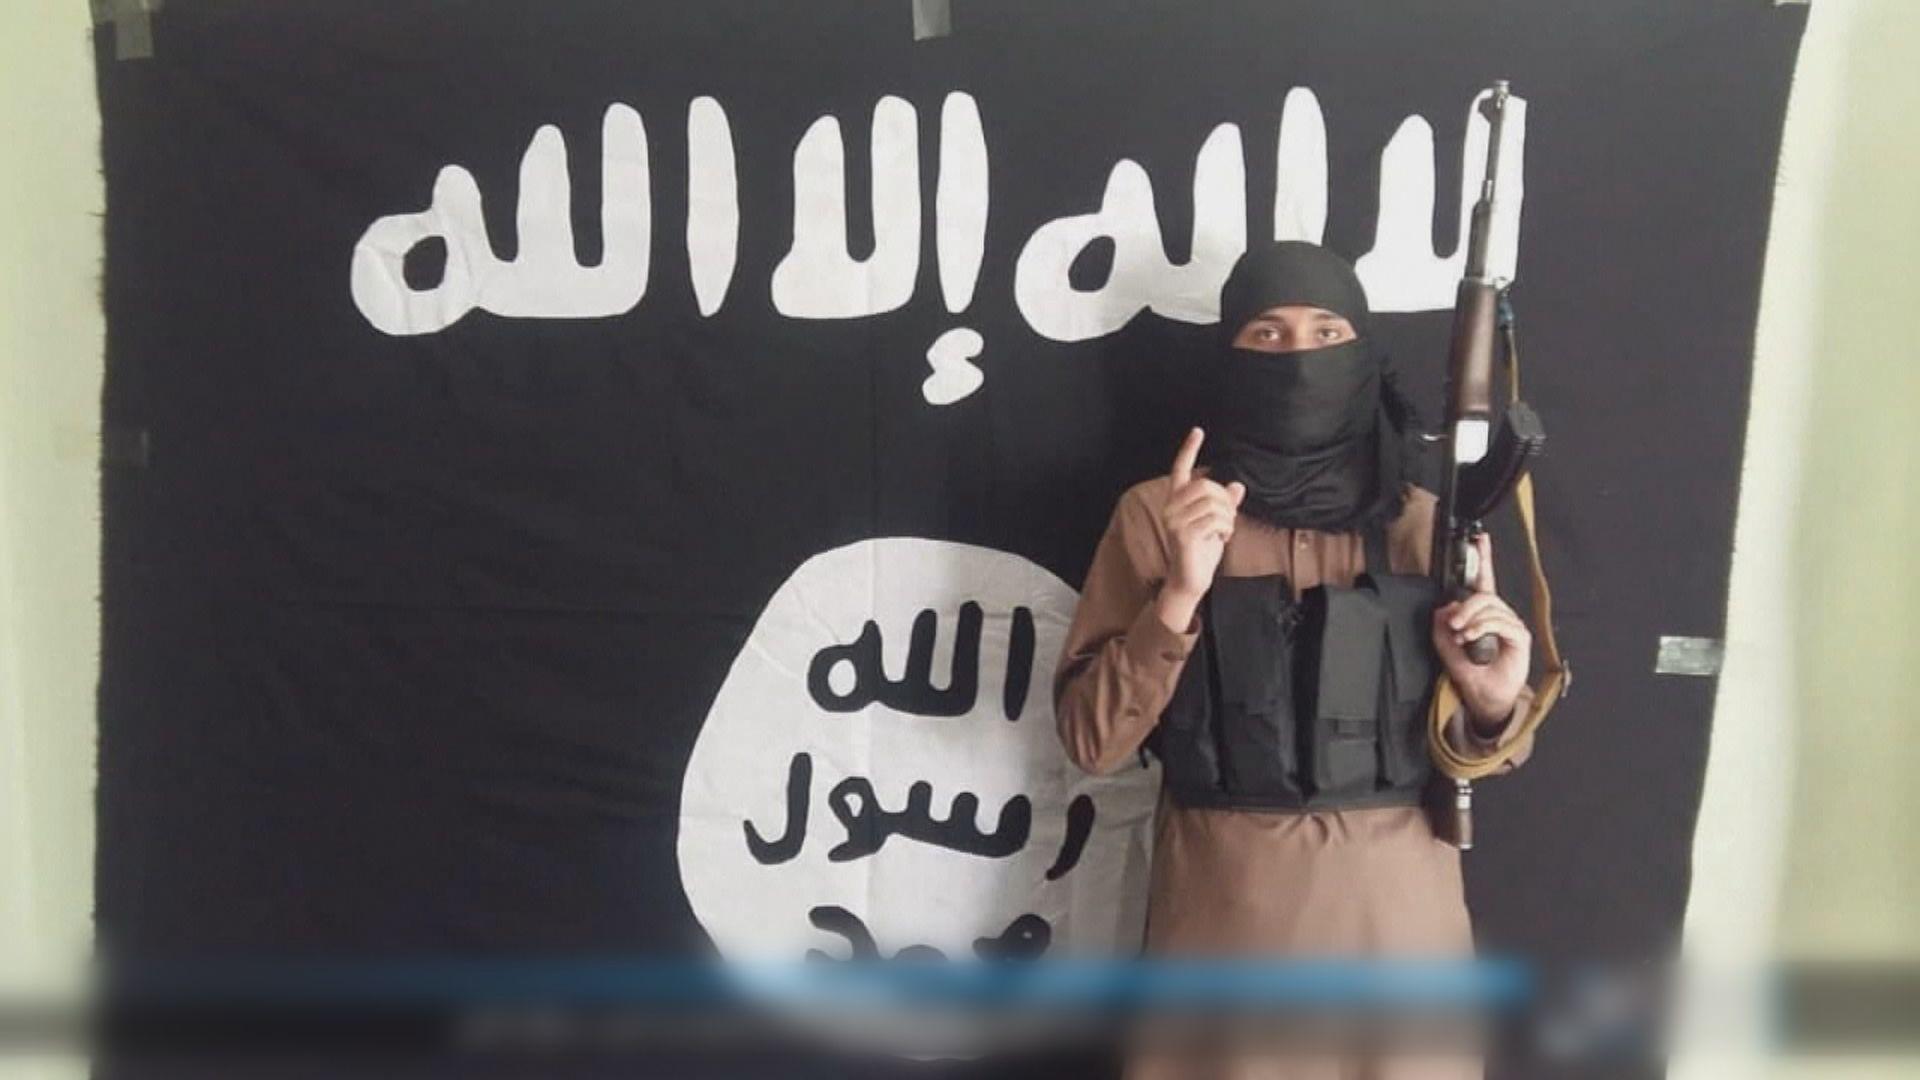 美情報指伊斯蘭國阿富汗分支能半年內攻擊美國